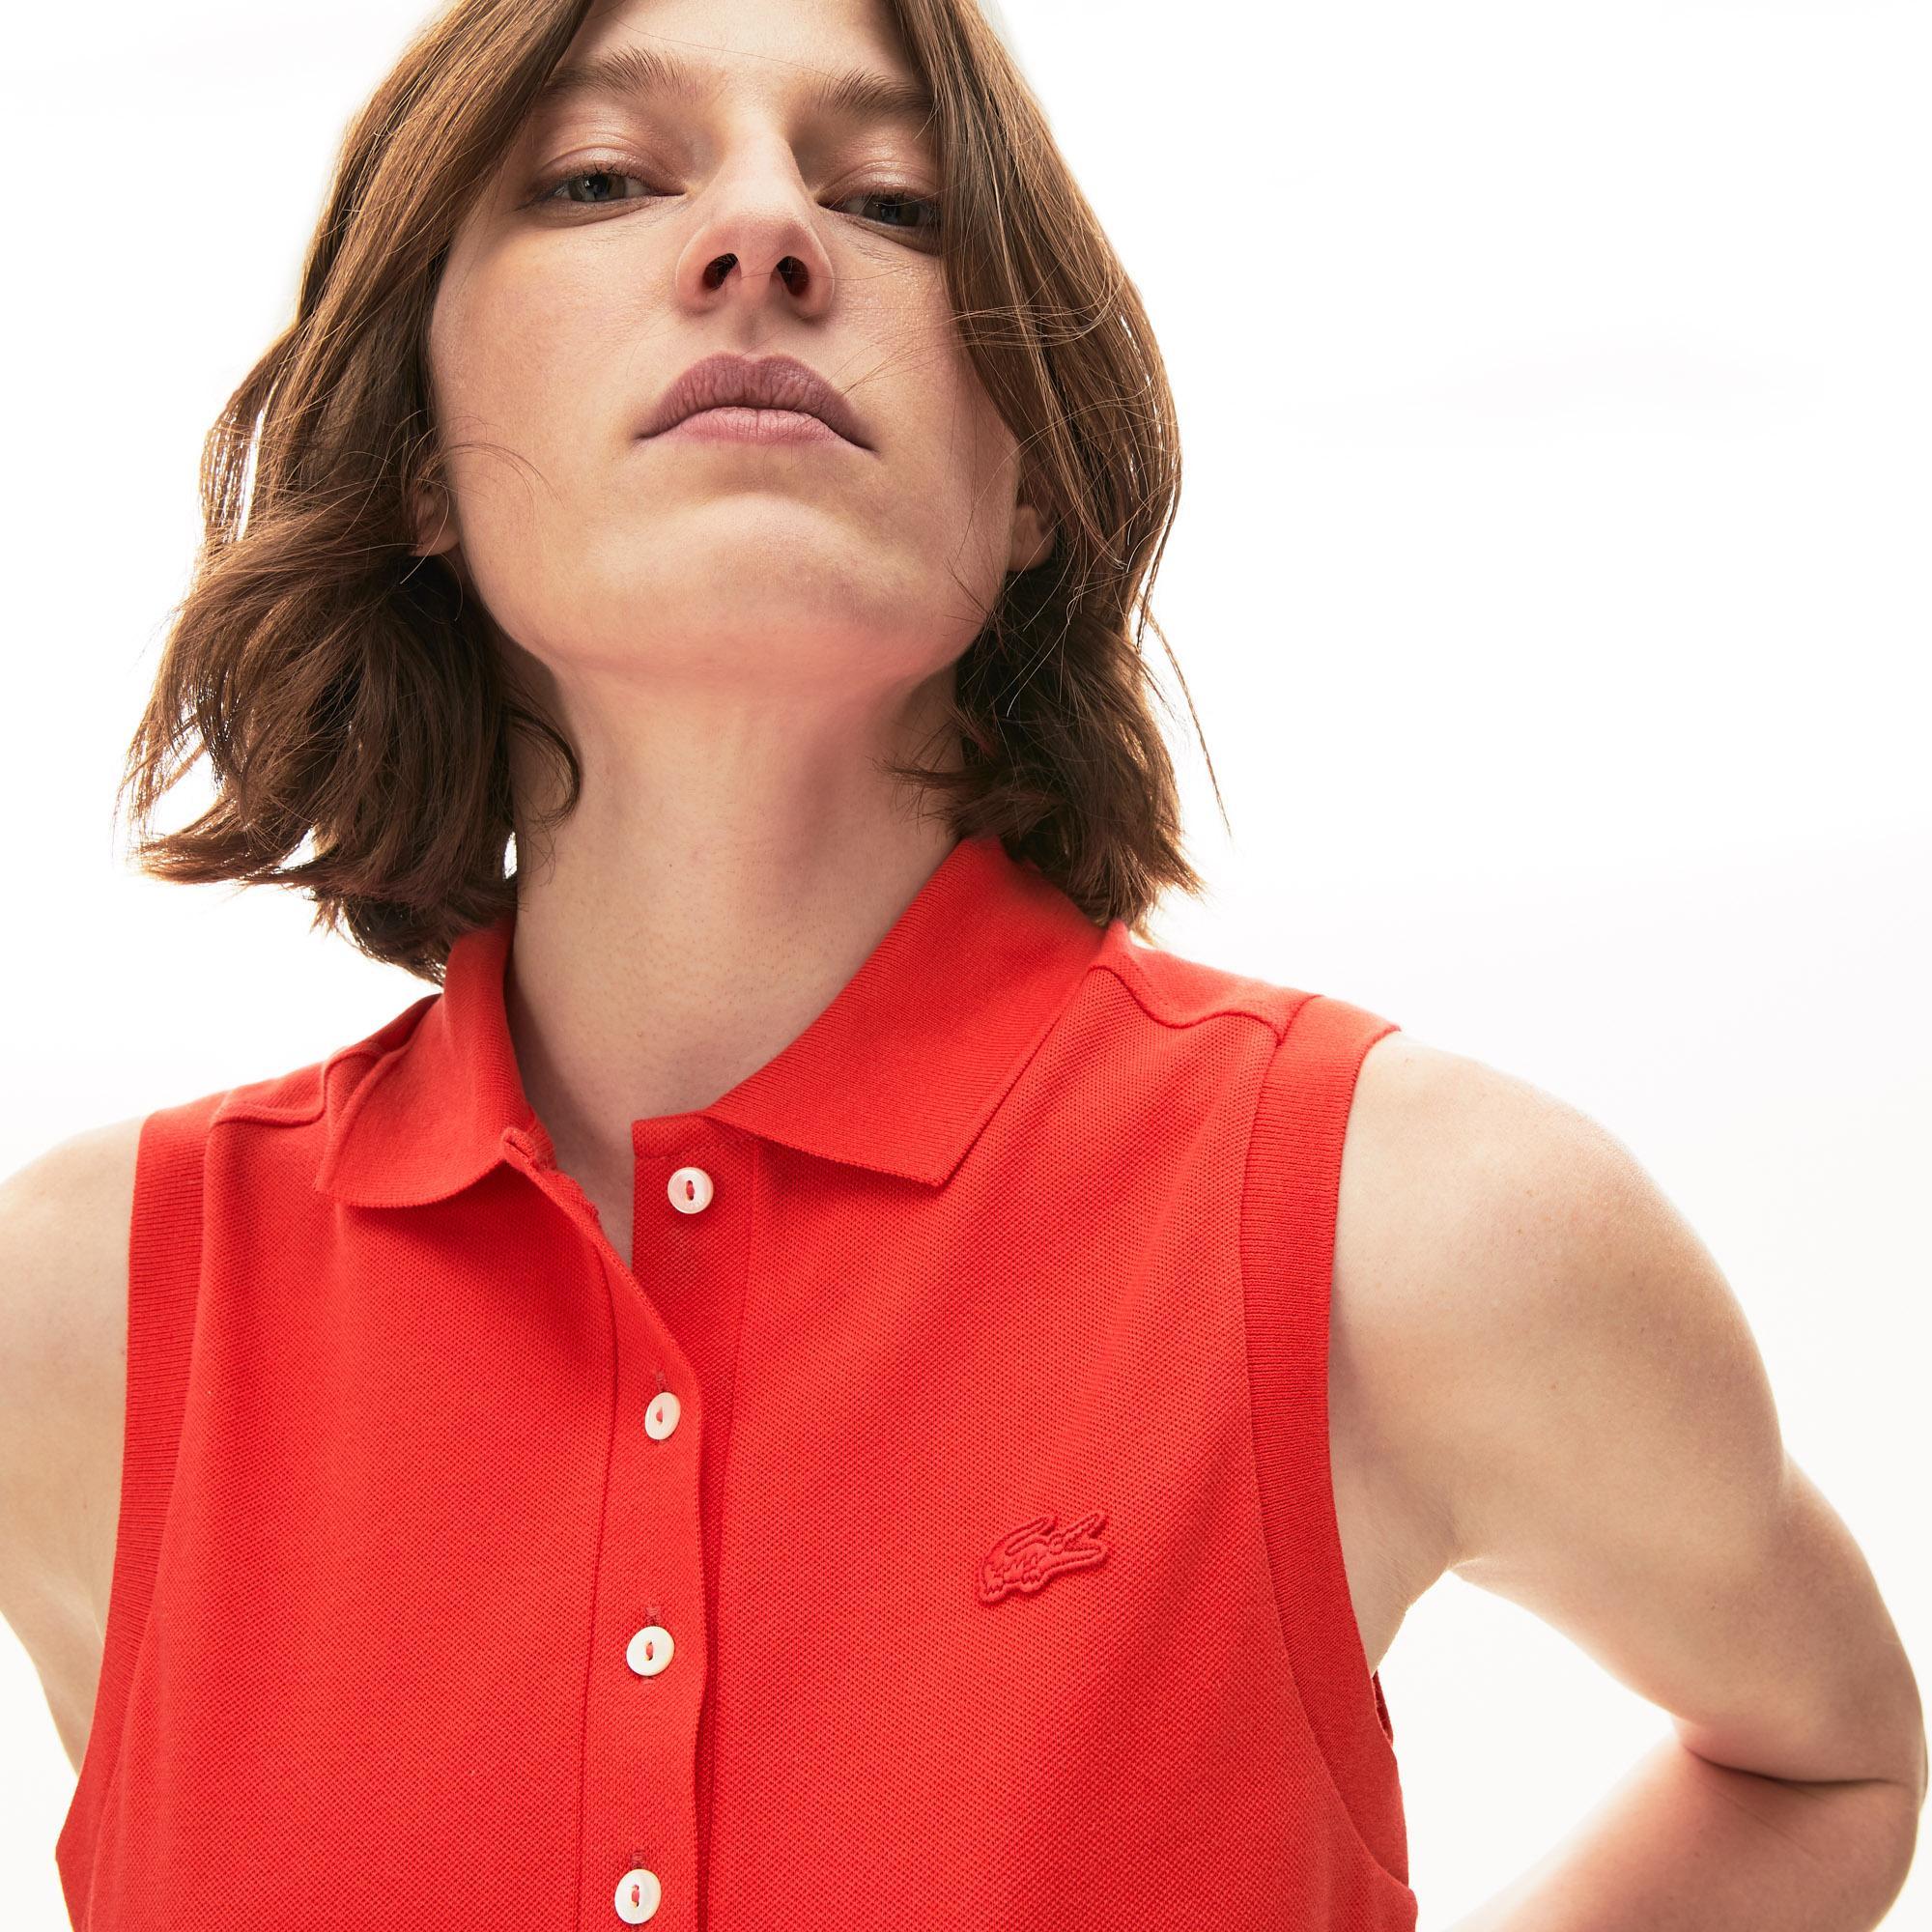 Lacoste Women's Sleeveless Cotton Piqué Polo